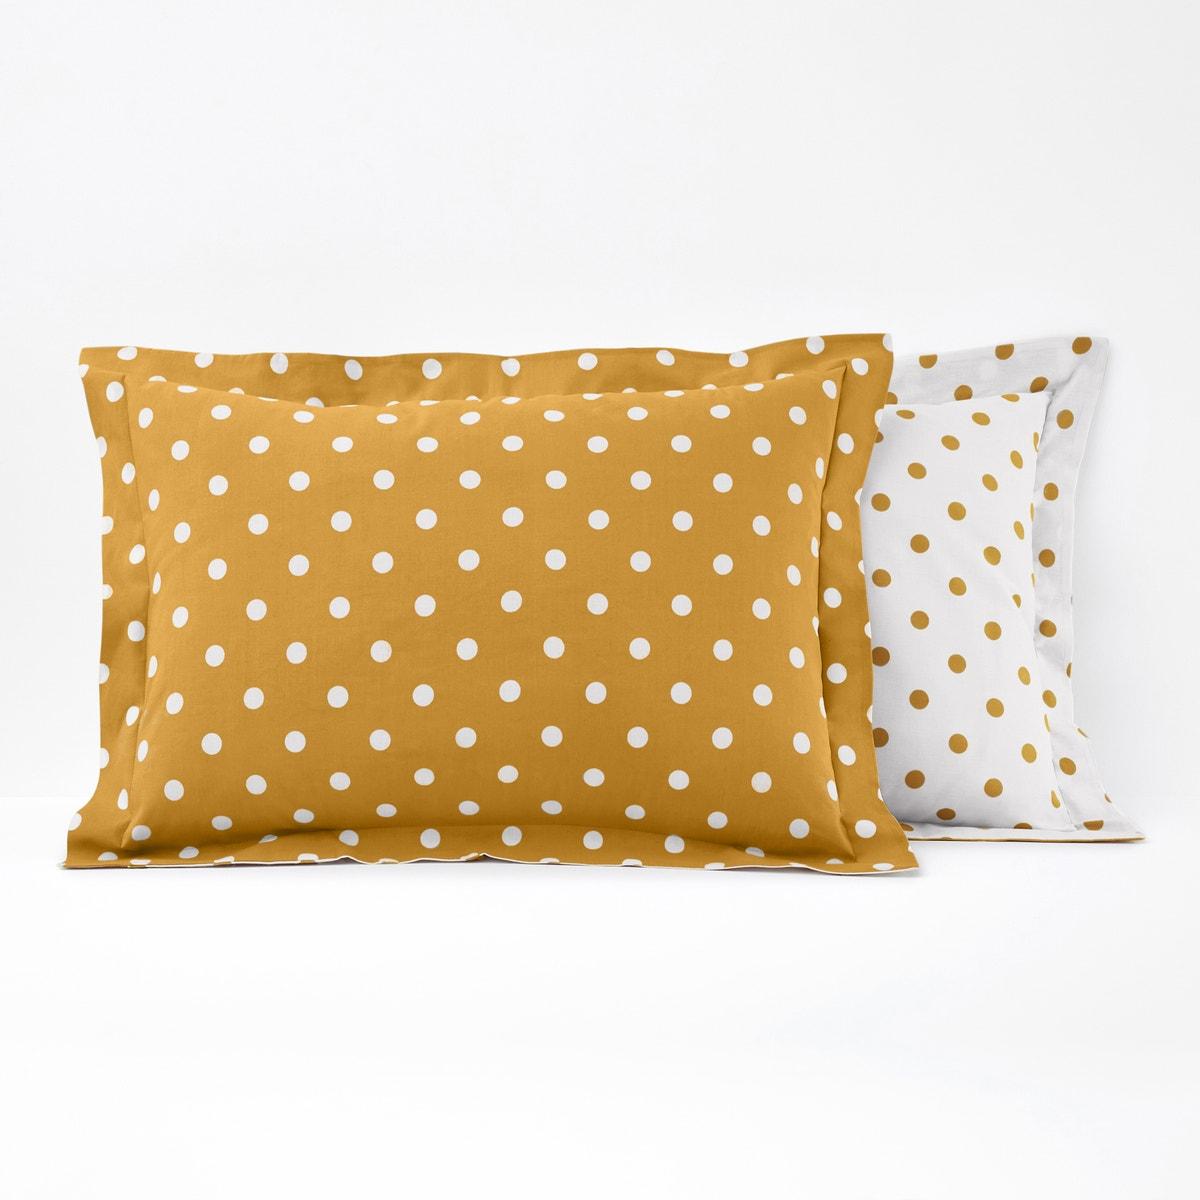 Clarisse コットン ポルカドット枕カバー